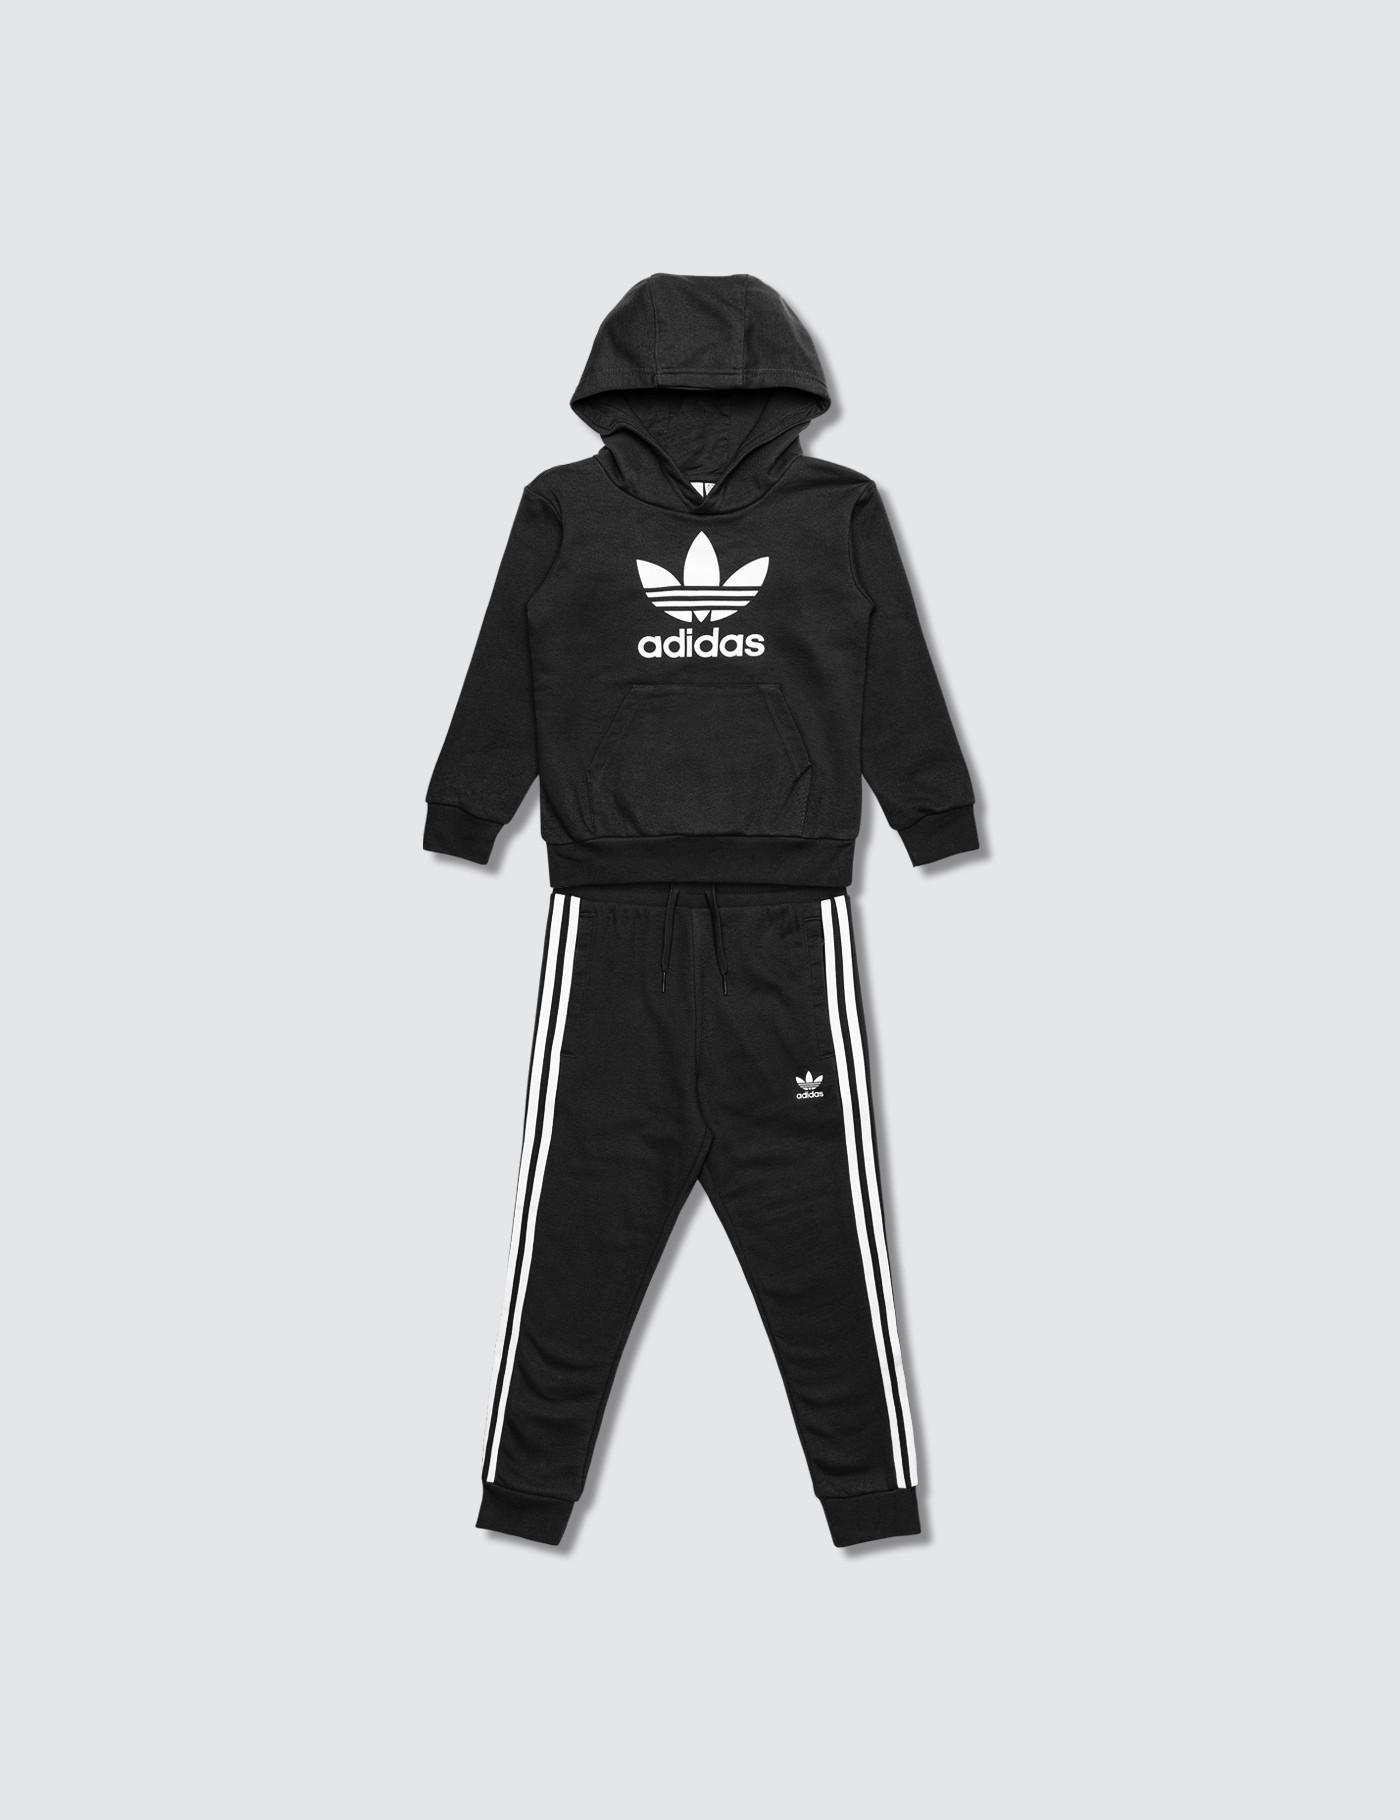 adidas hoodie black pants